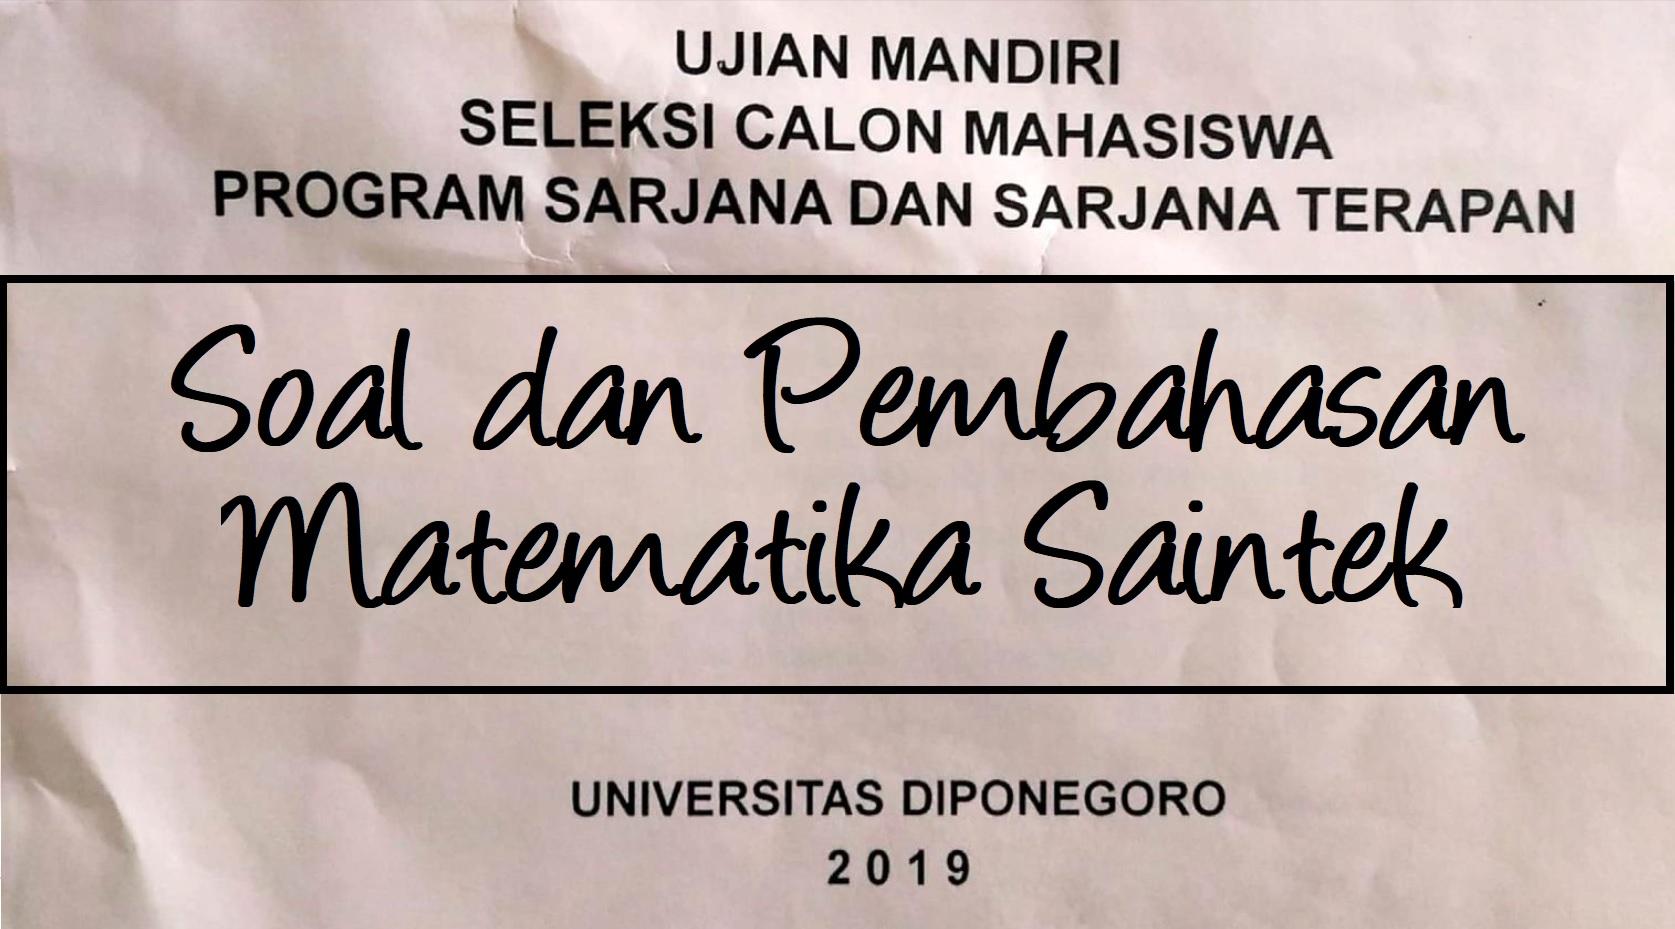 Soal dan Pembahasan Kemampuan Matematika Saintek UM UNDIP Tahun 2019 Kode 324